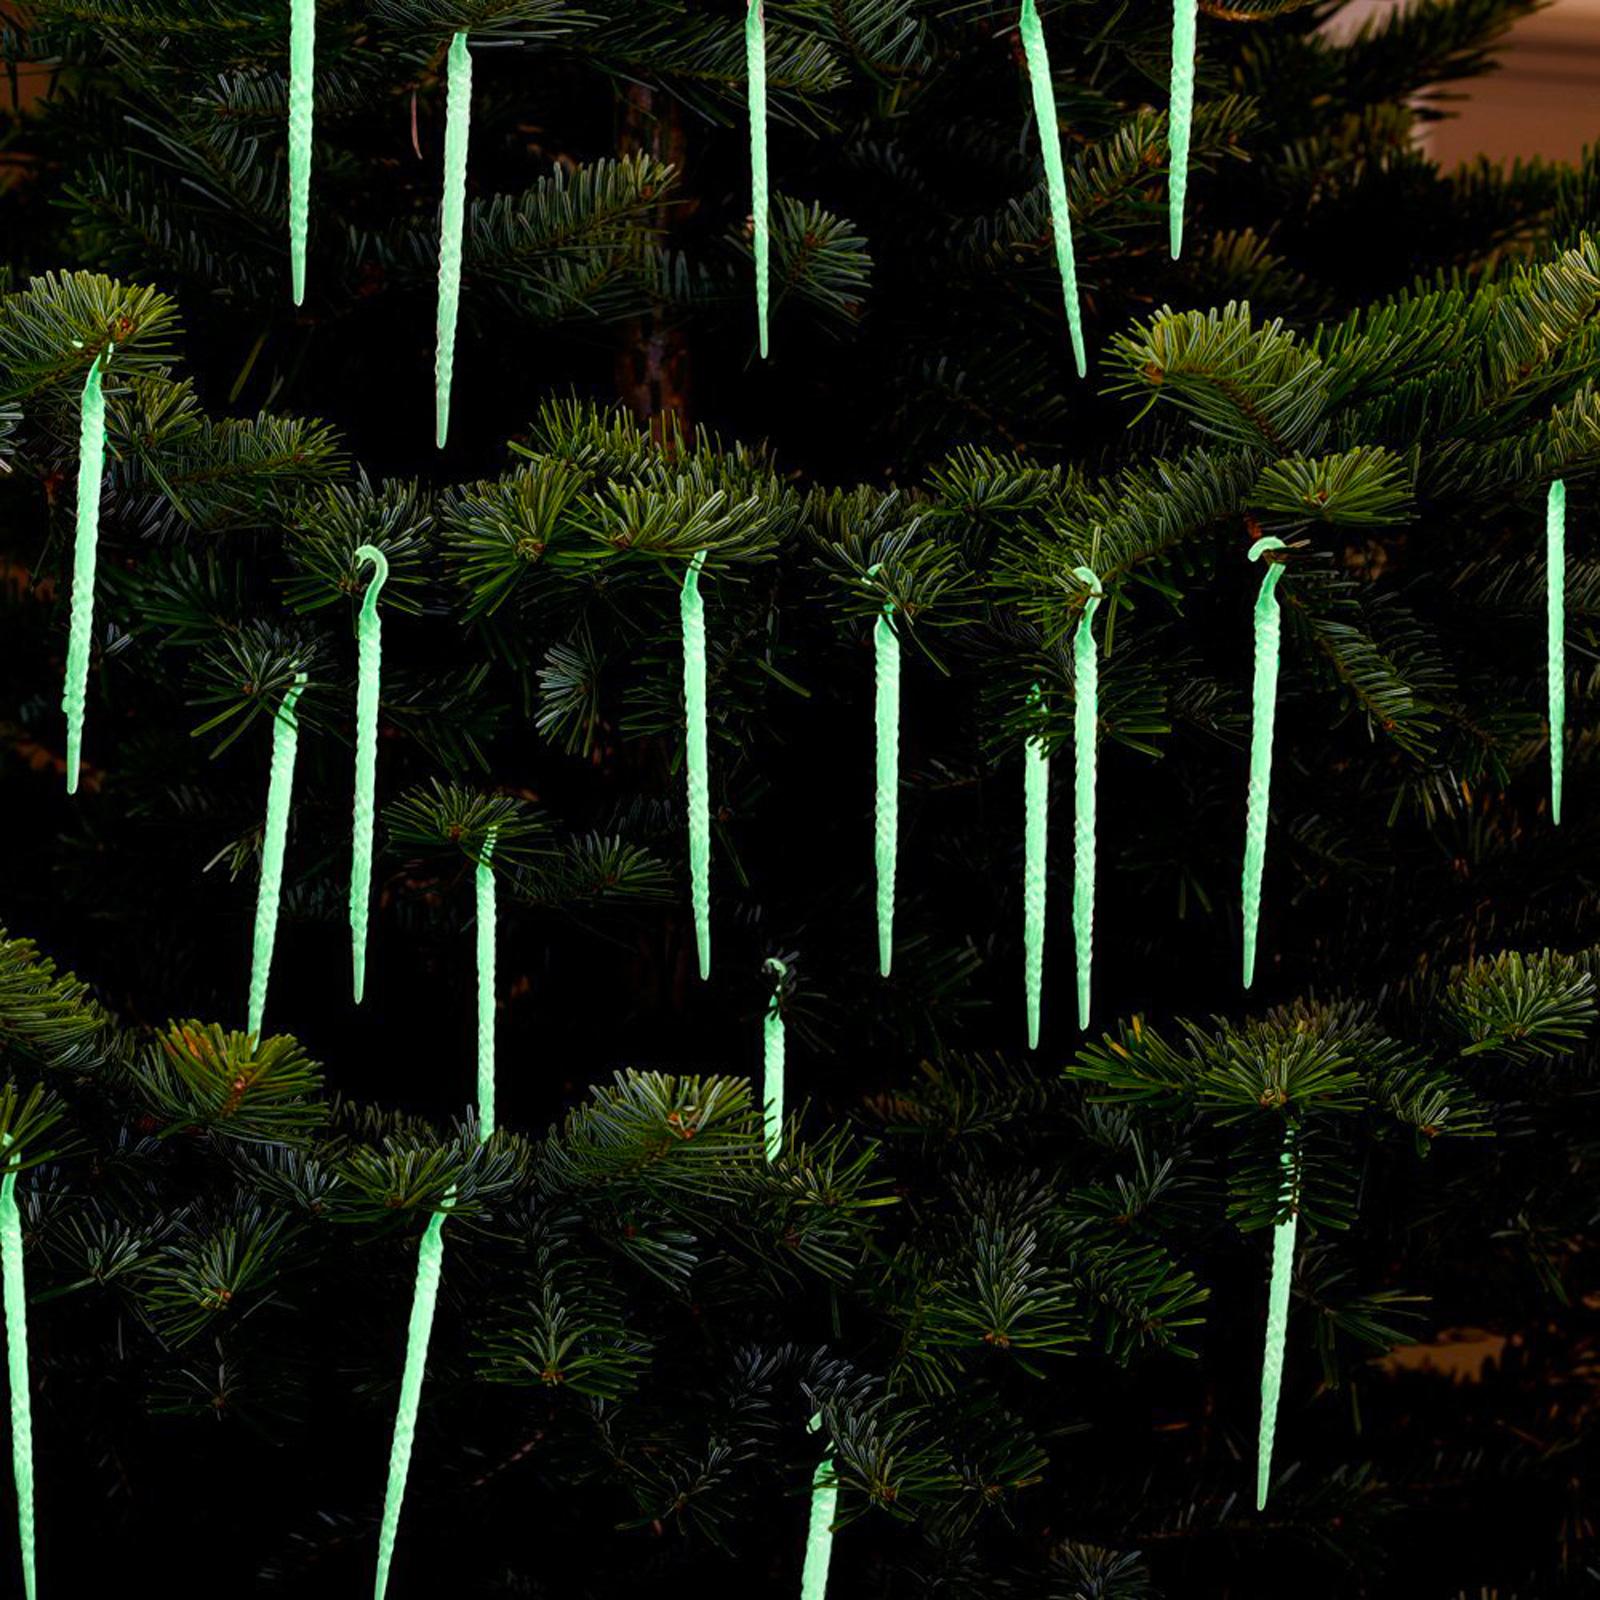 Glow Icicles